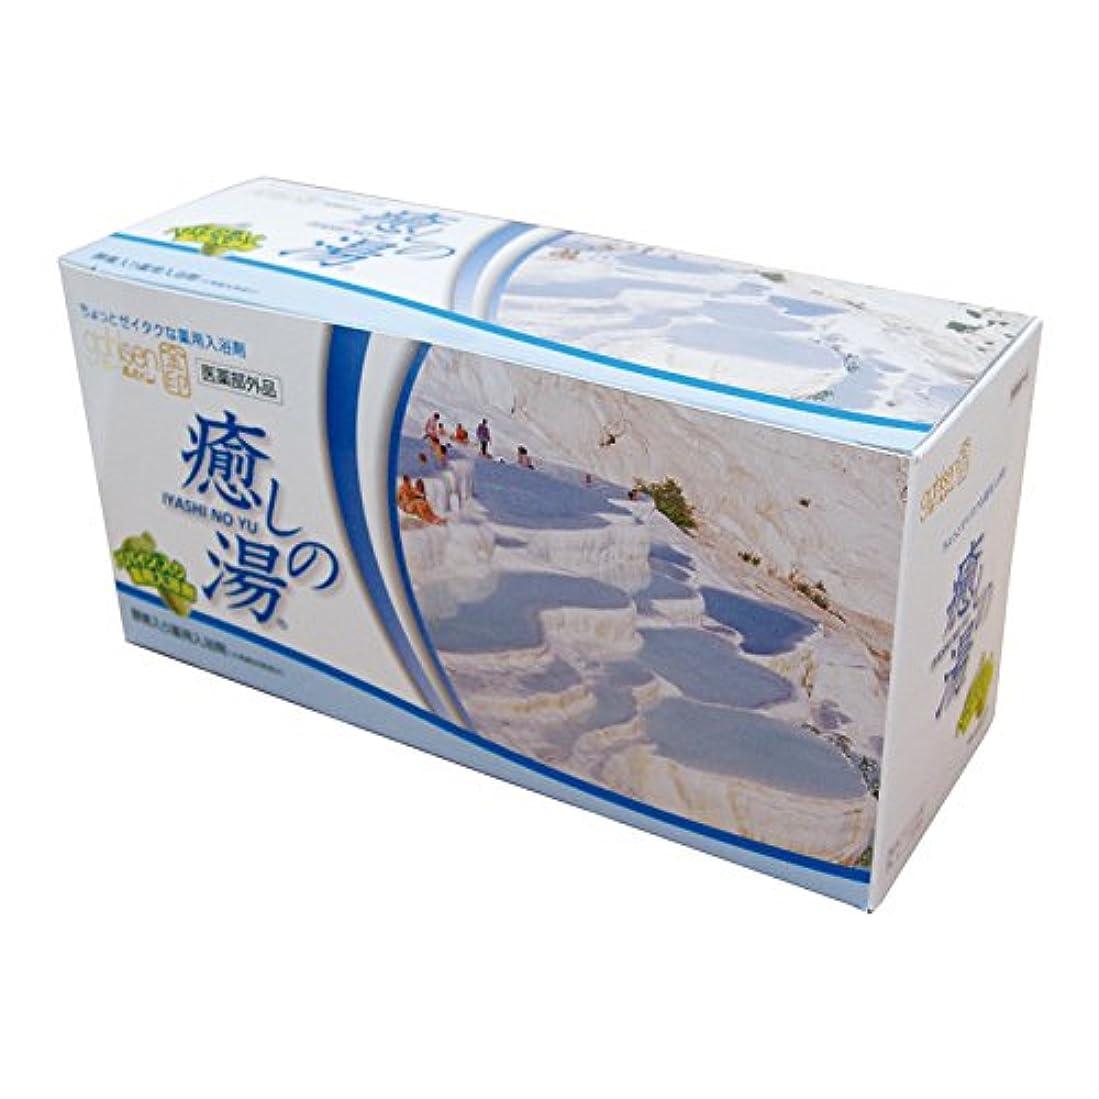 Bath Terminal 【入浴剤】ガールセン 癒しの湯 金印 30包入【日本生化学正規代理店】